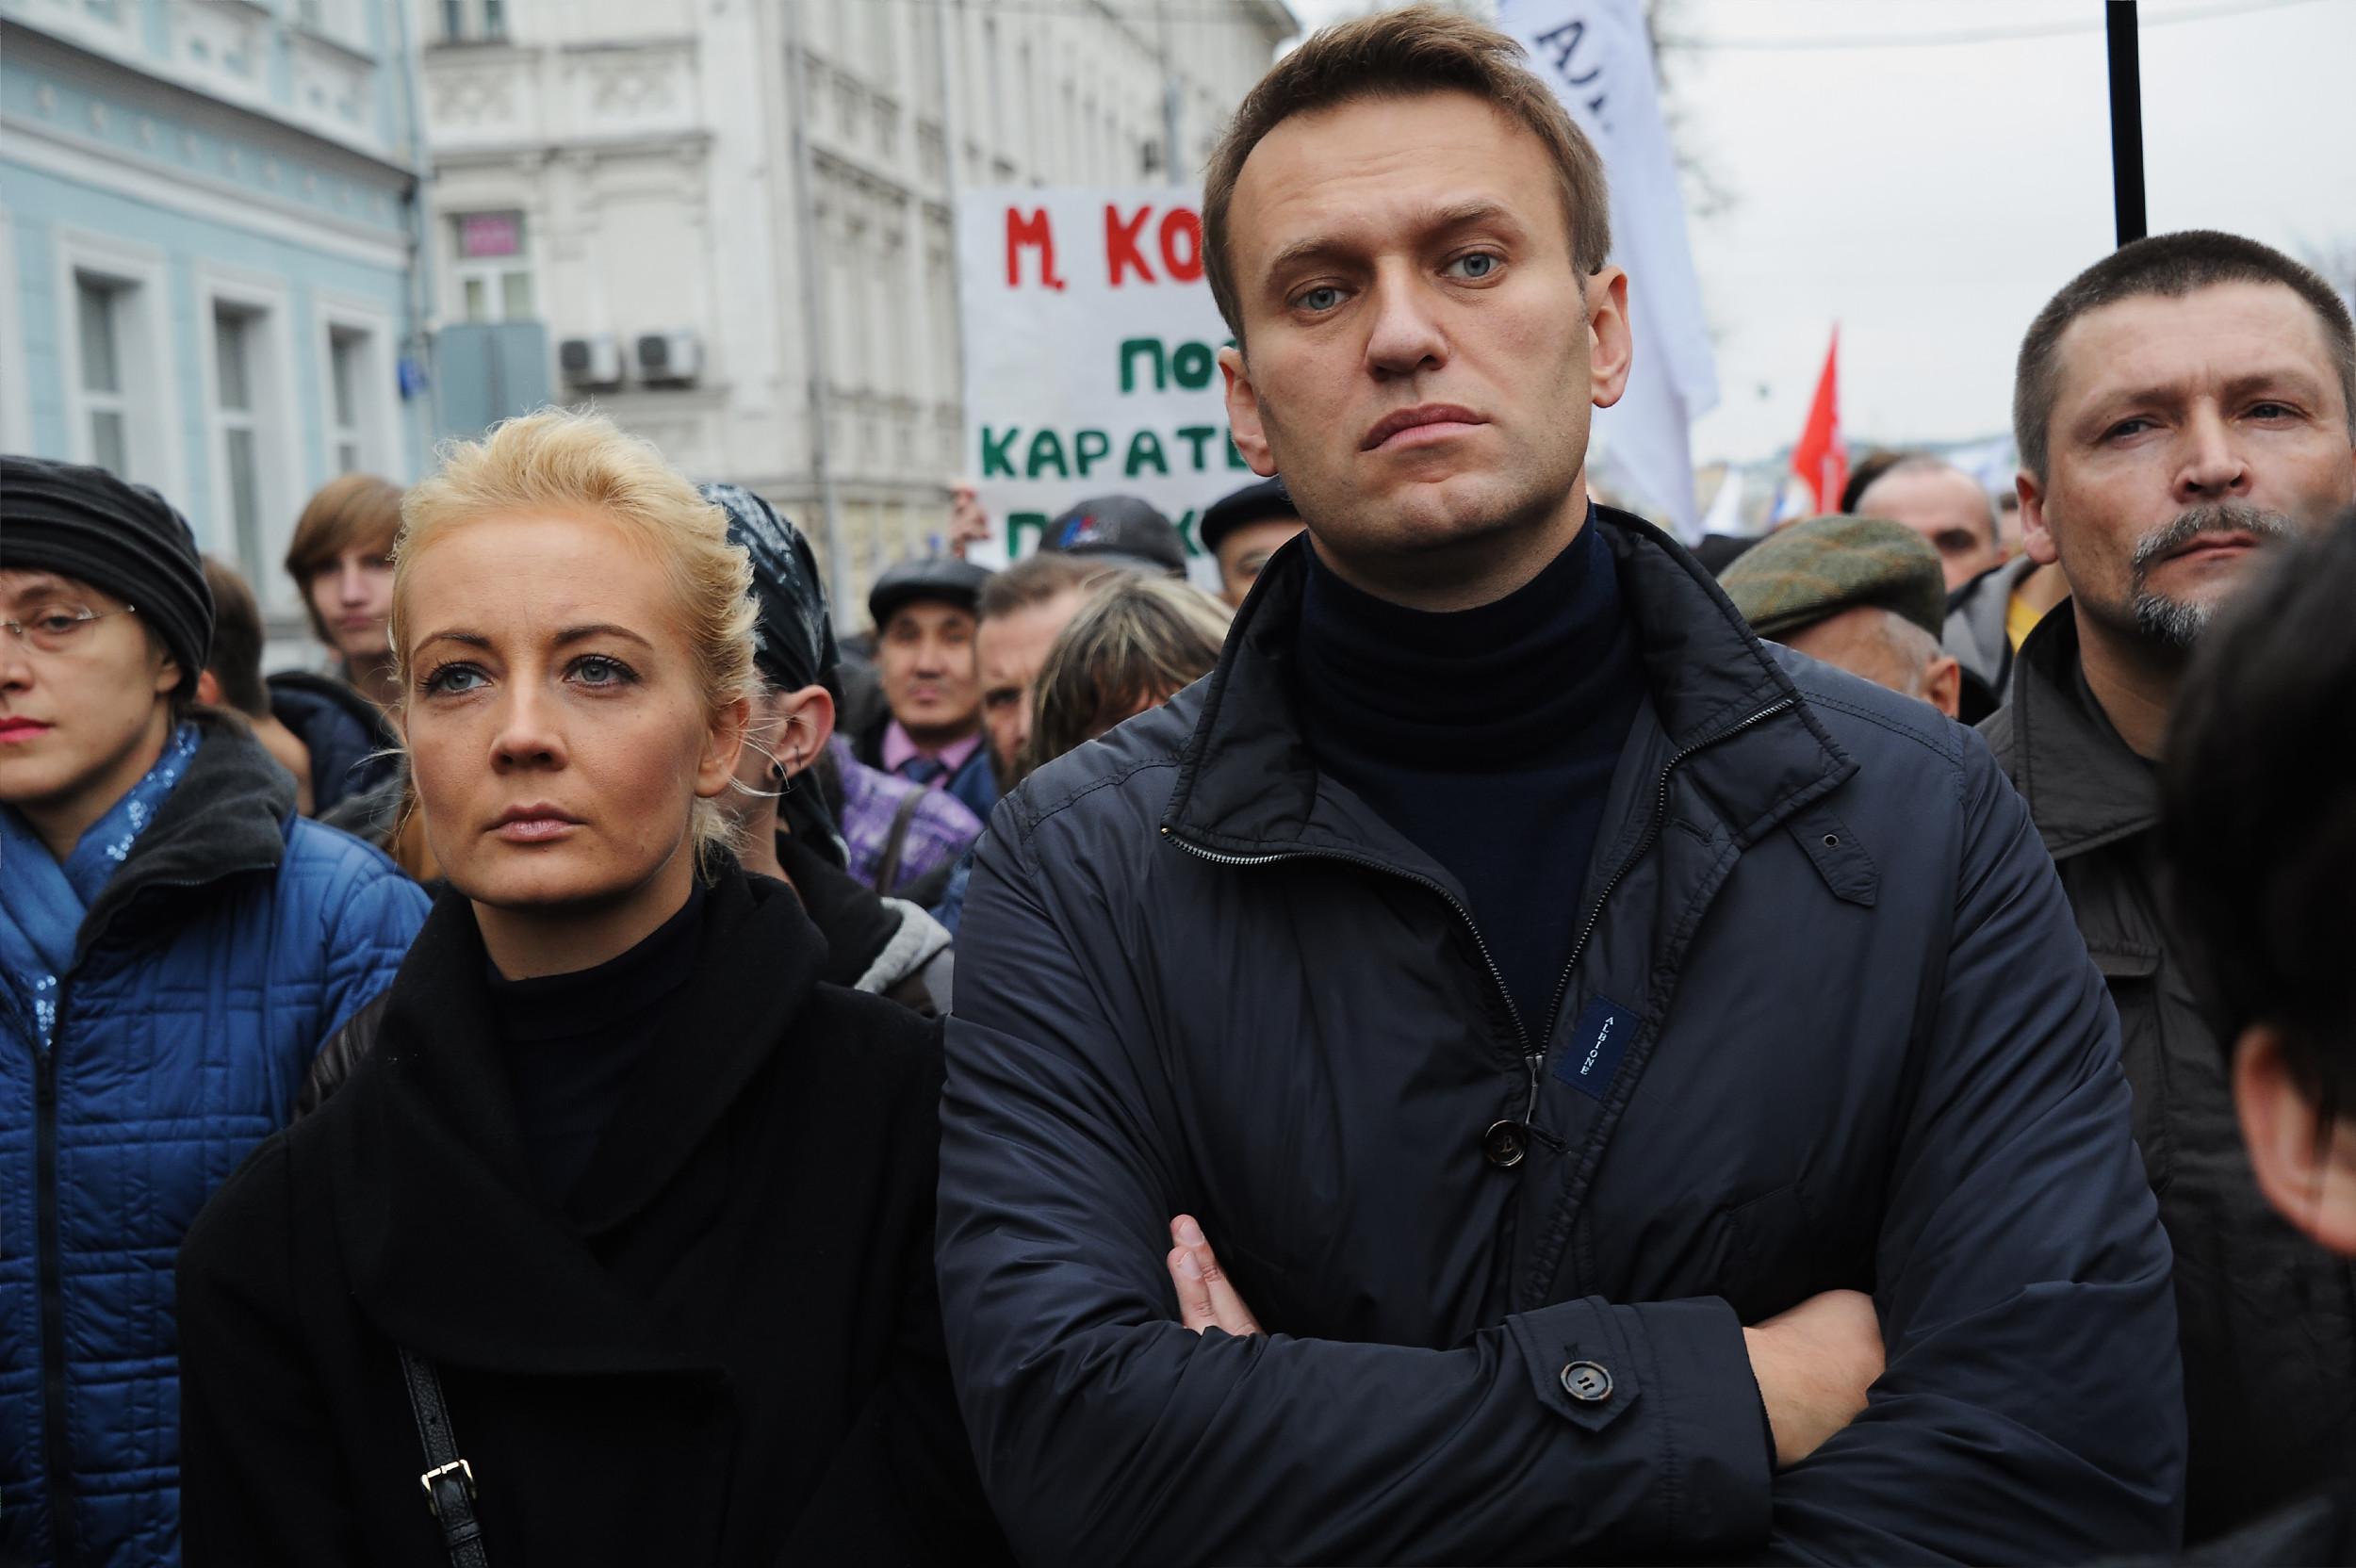 Najpoznatiji ruski opozicionar Aleksej Navaljni sa ženom Julijom na opozicionom skupu u Moskvi, 27. oktobar 2013. (Foto: Vasili Shaposhnikov/Kommersant Photo via Getty Images)